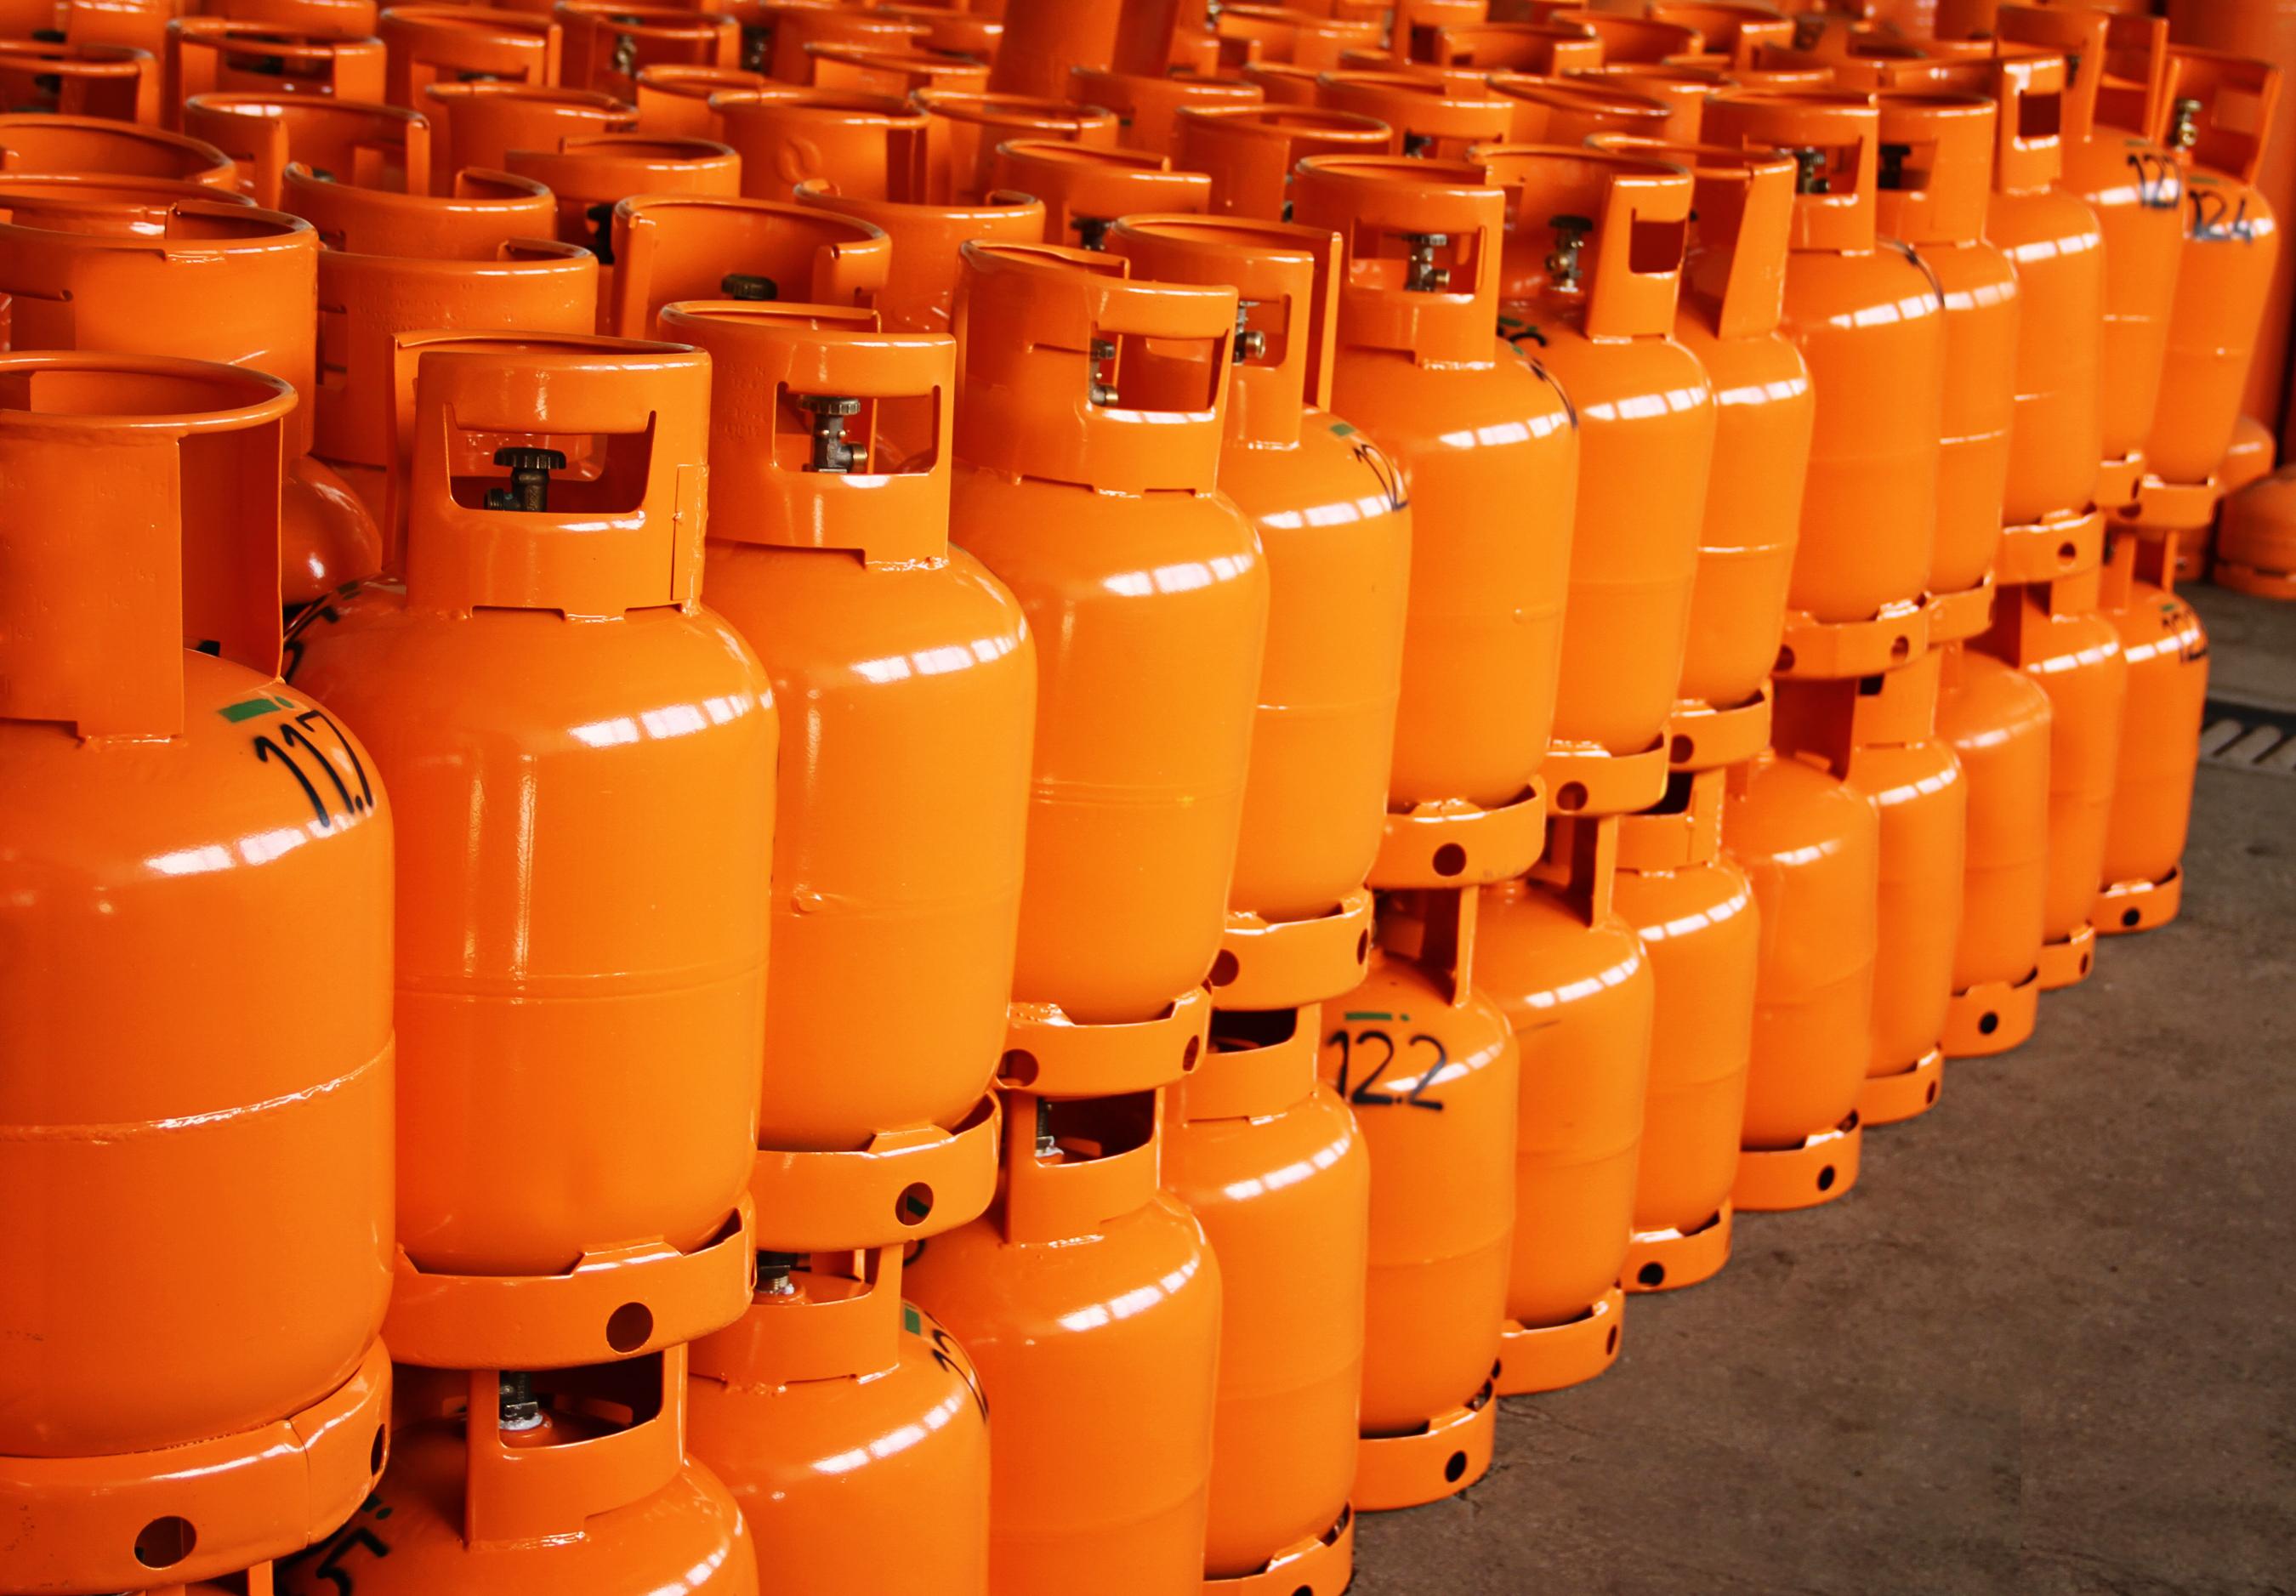 individual stacked orange propane tanks